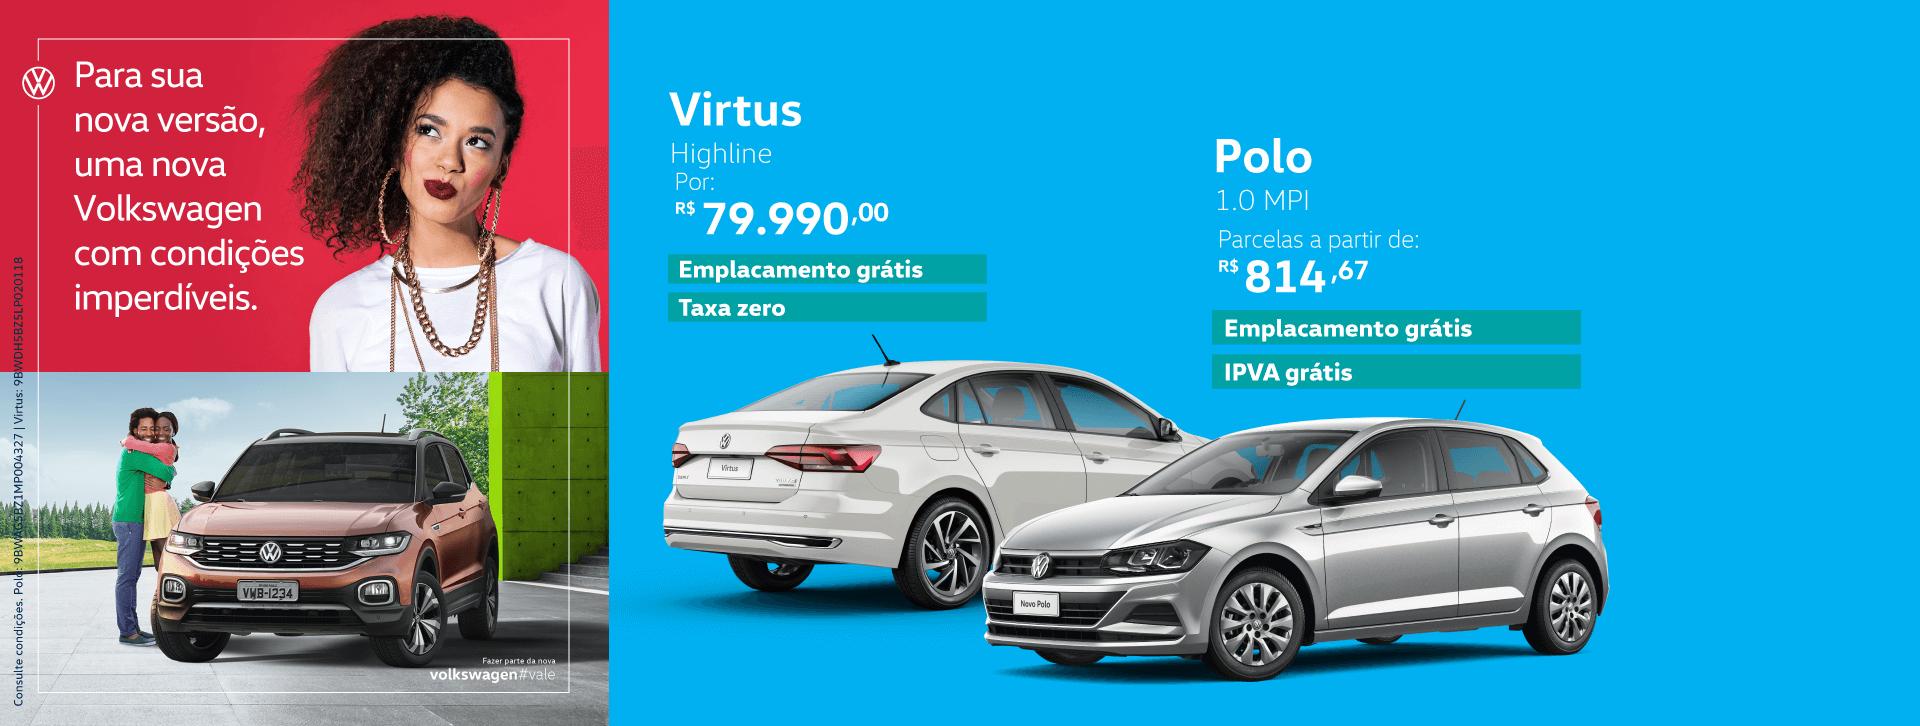 imagem-Banner Polo e Virtus